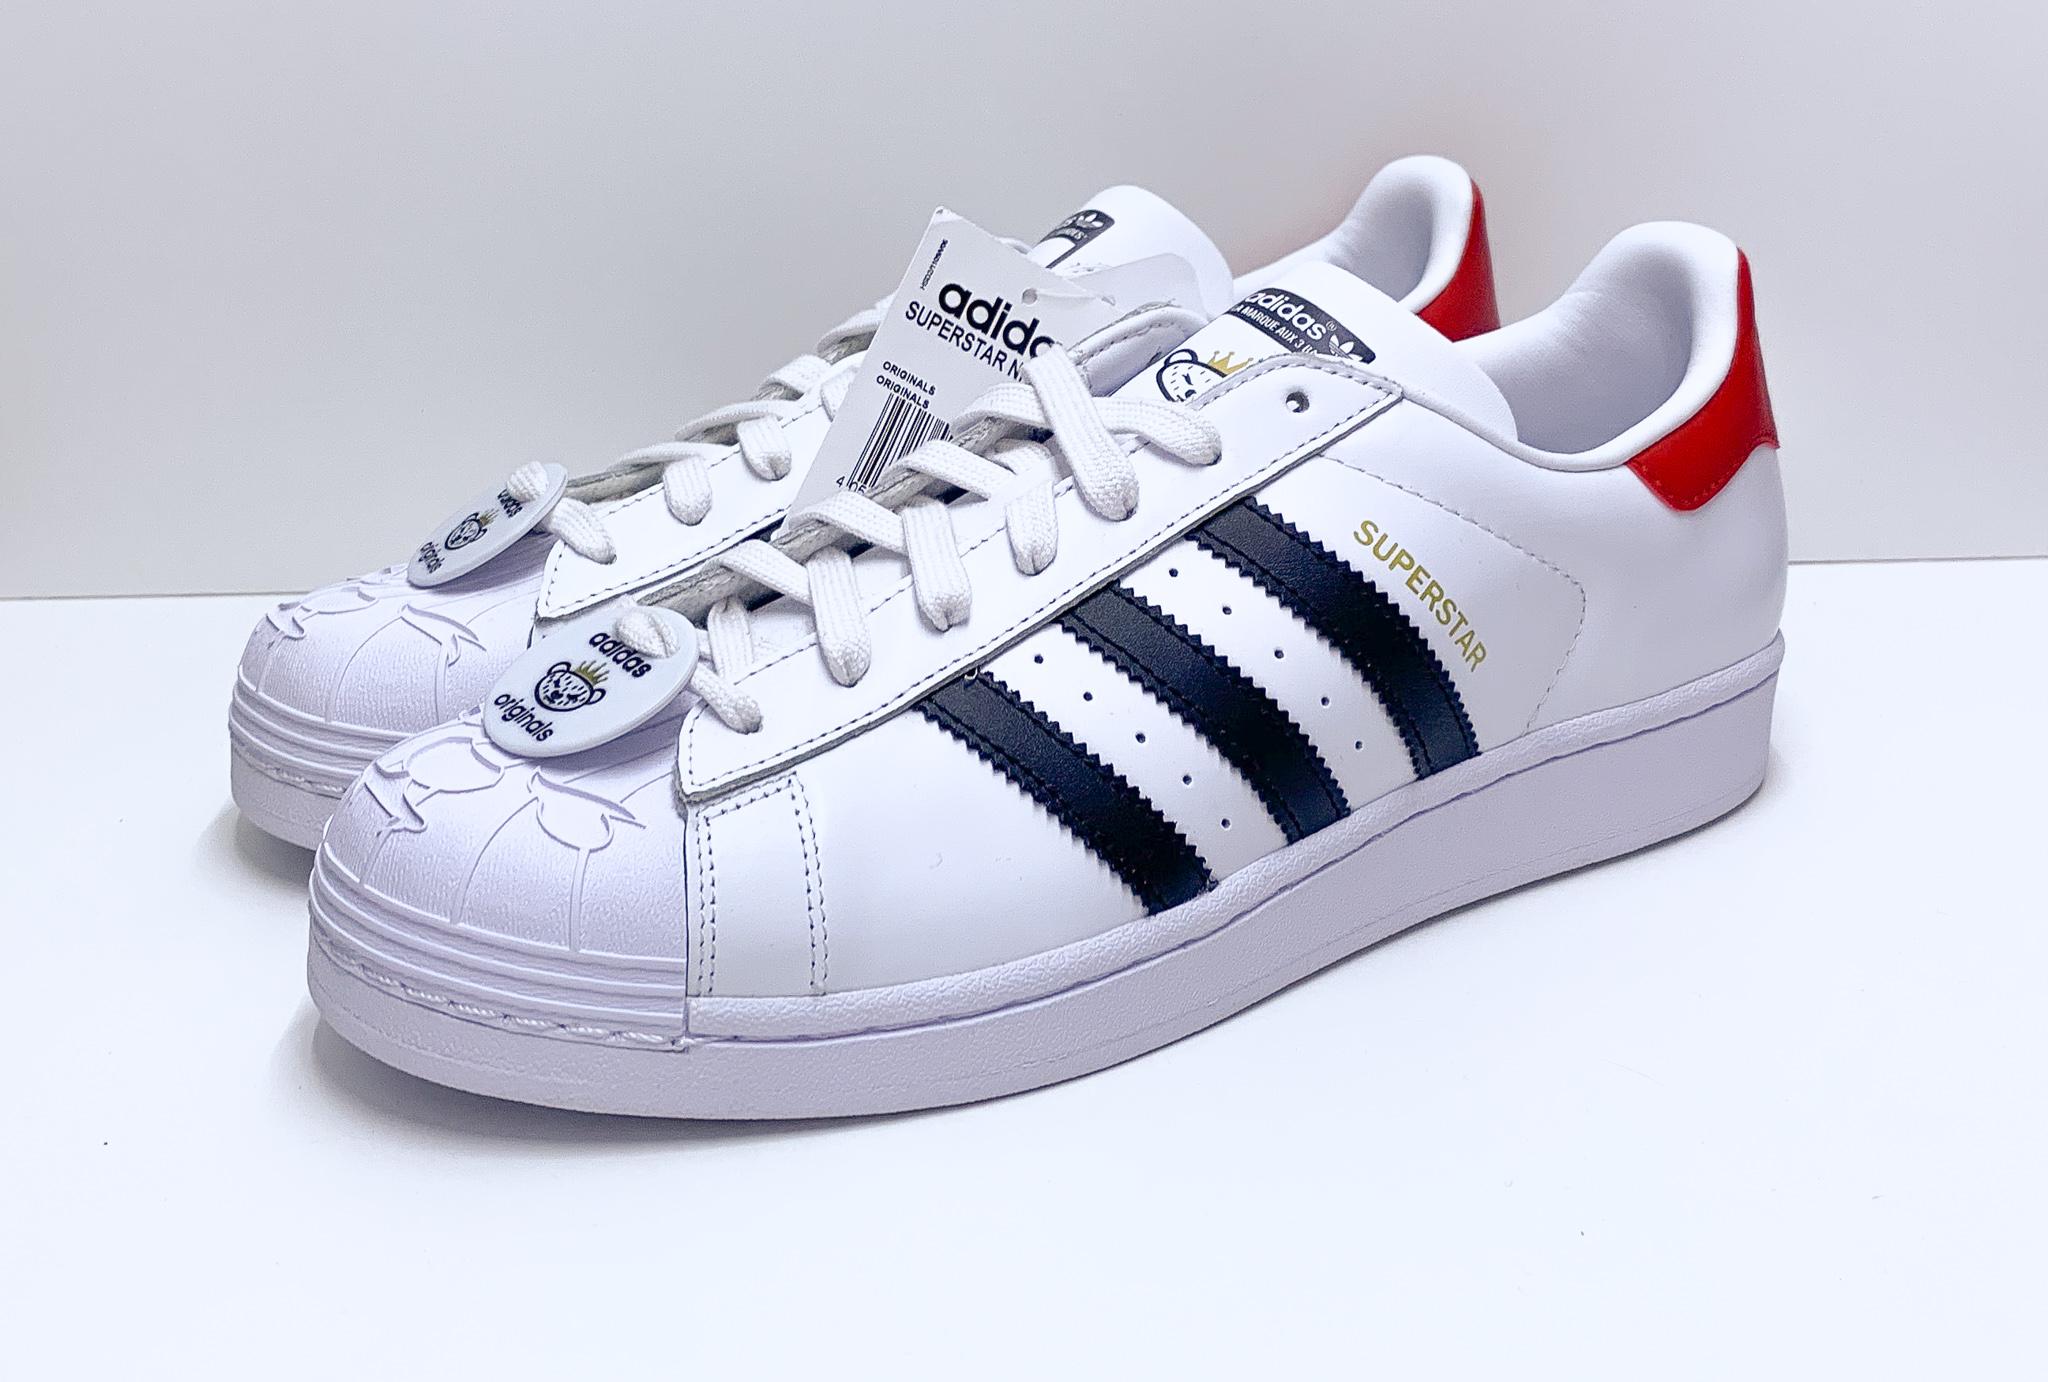 Adidas Originals Nigo Bearfoot